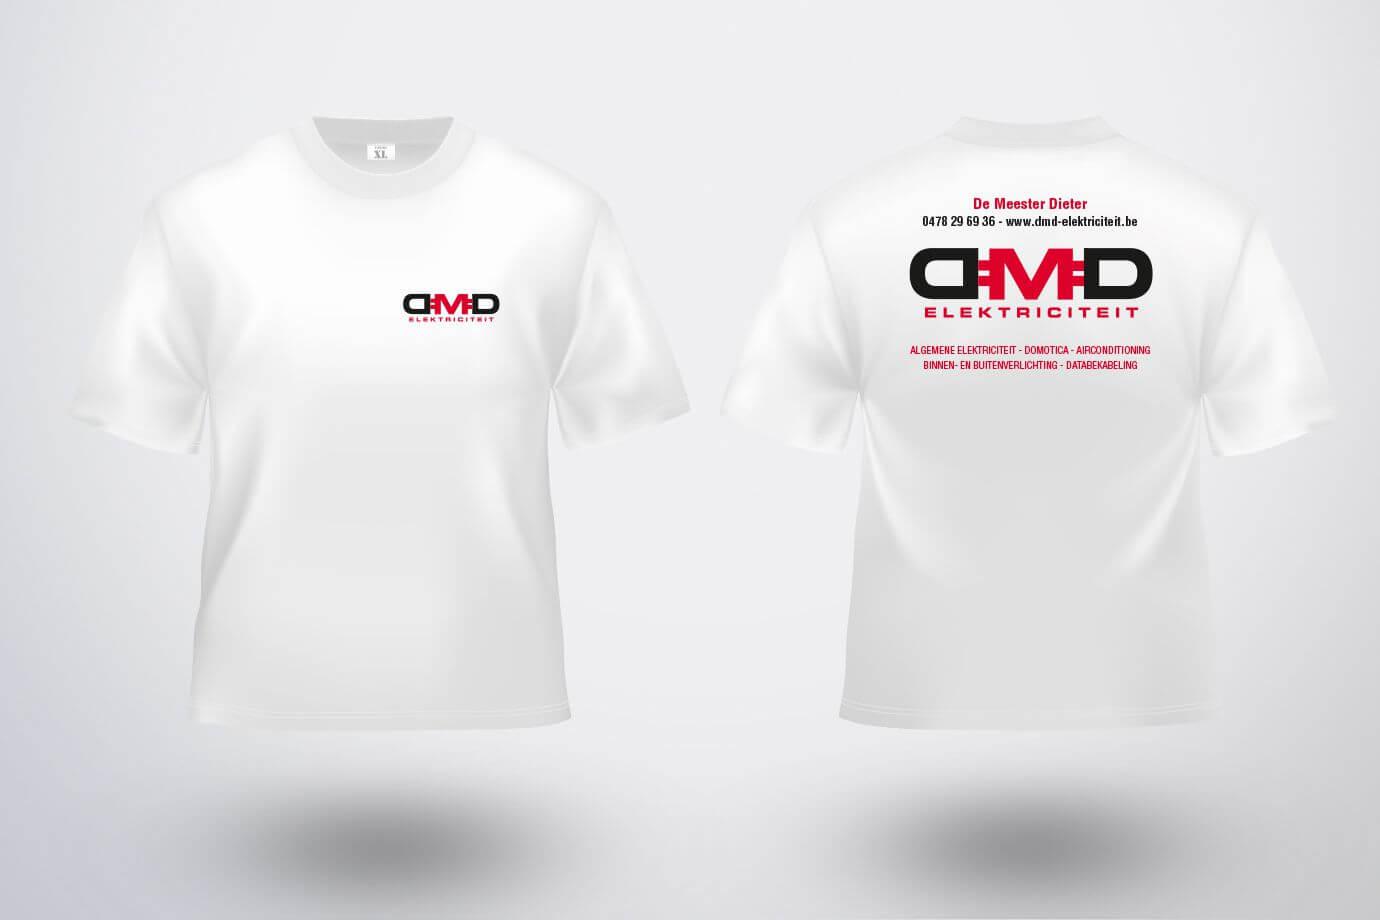 DMD T-shirts